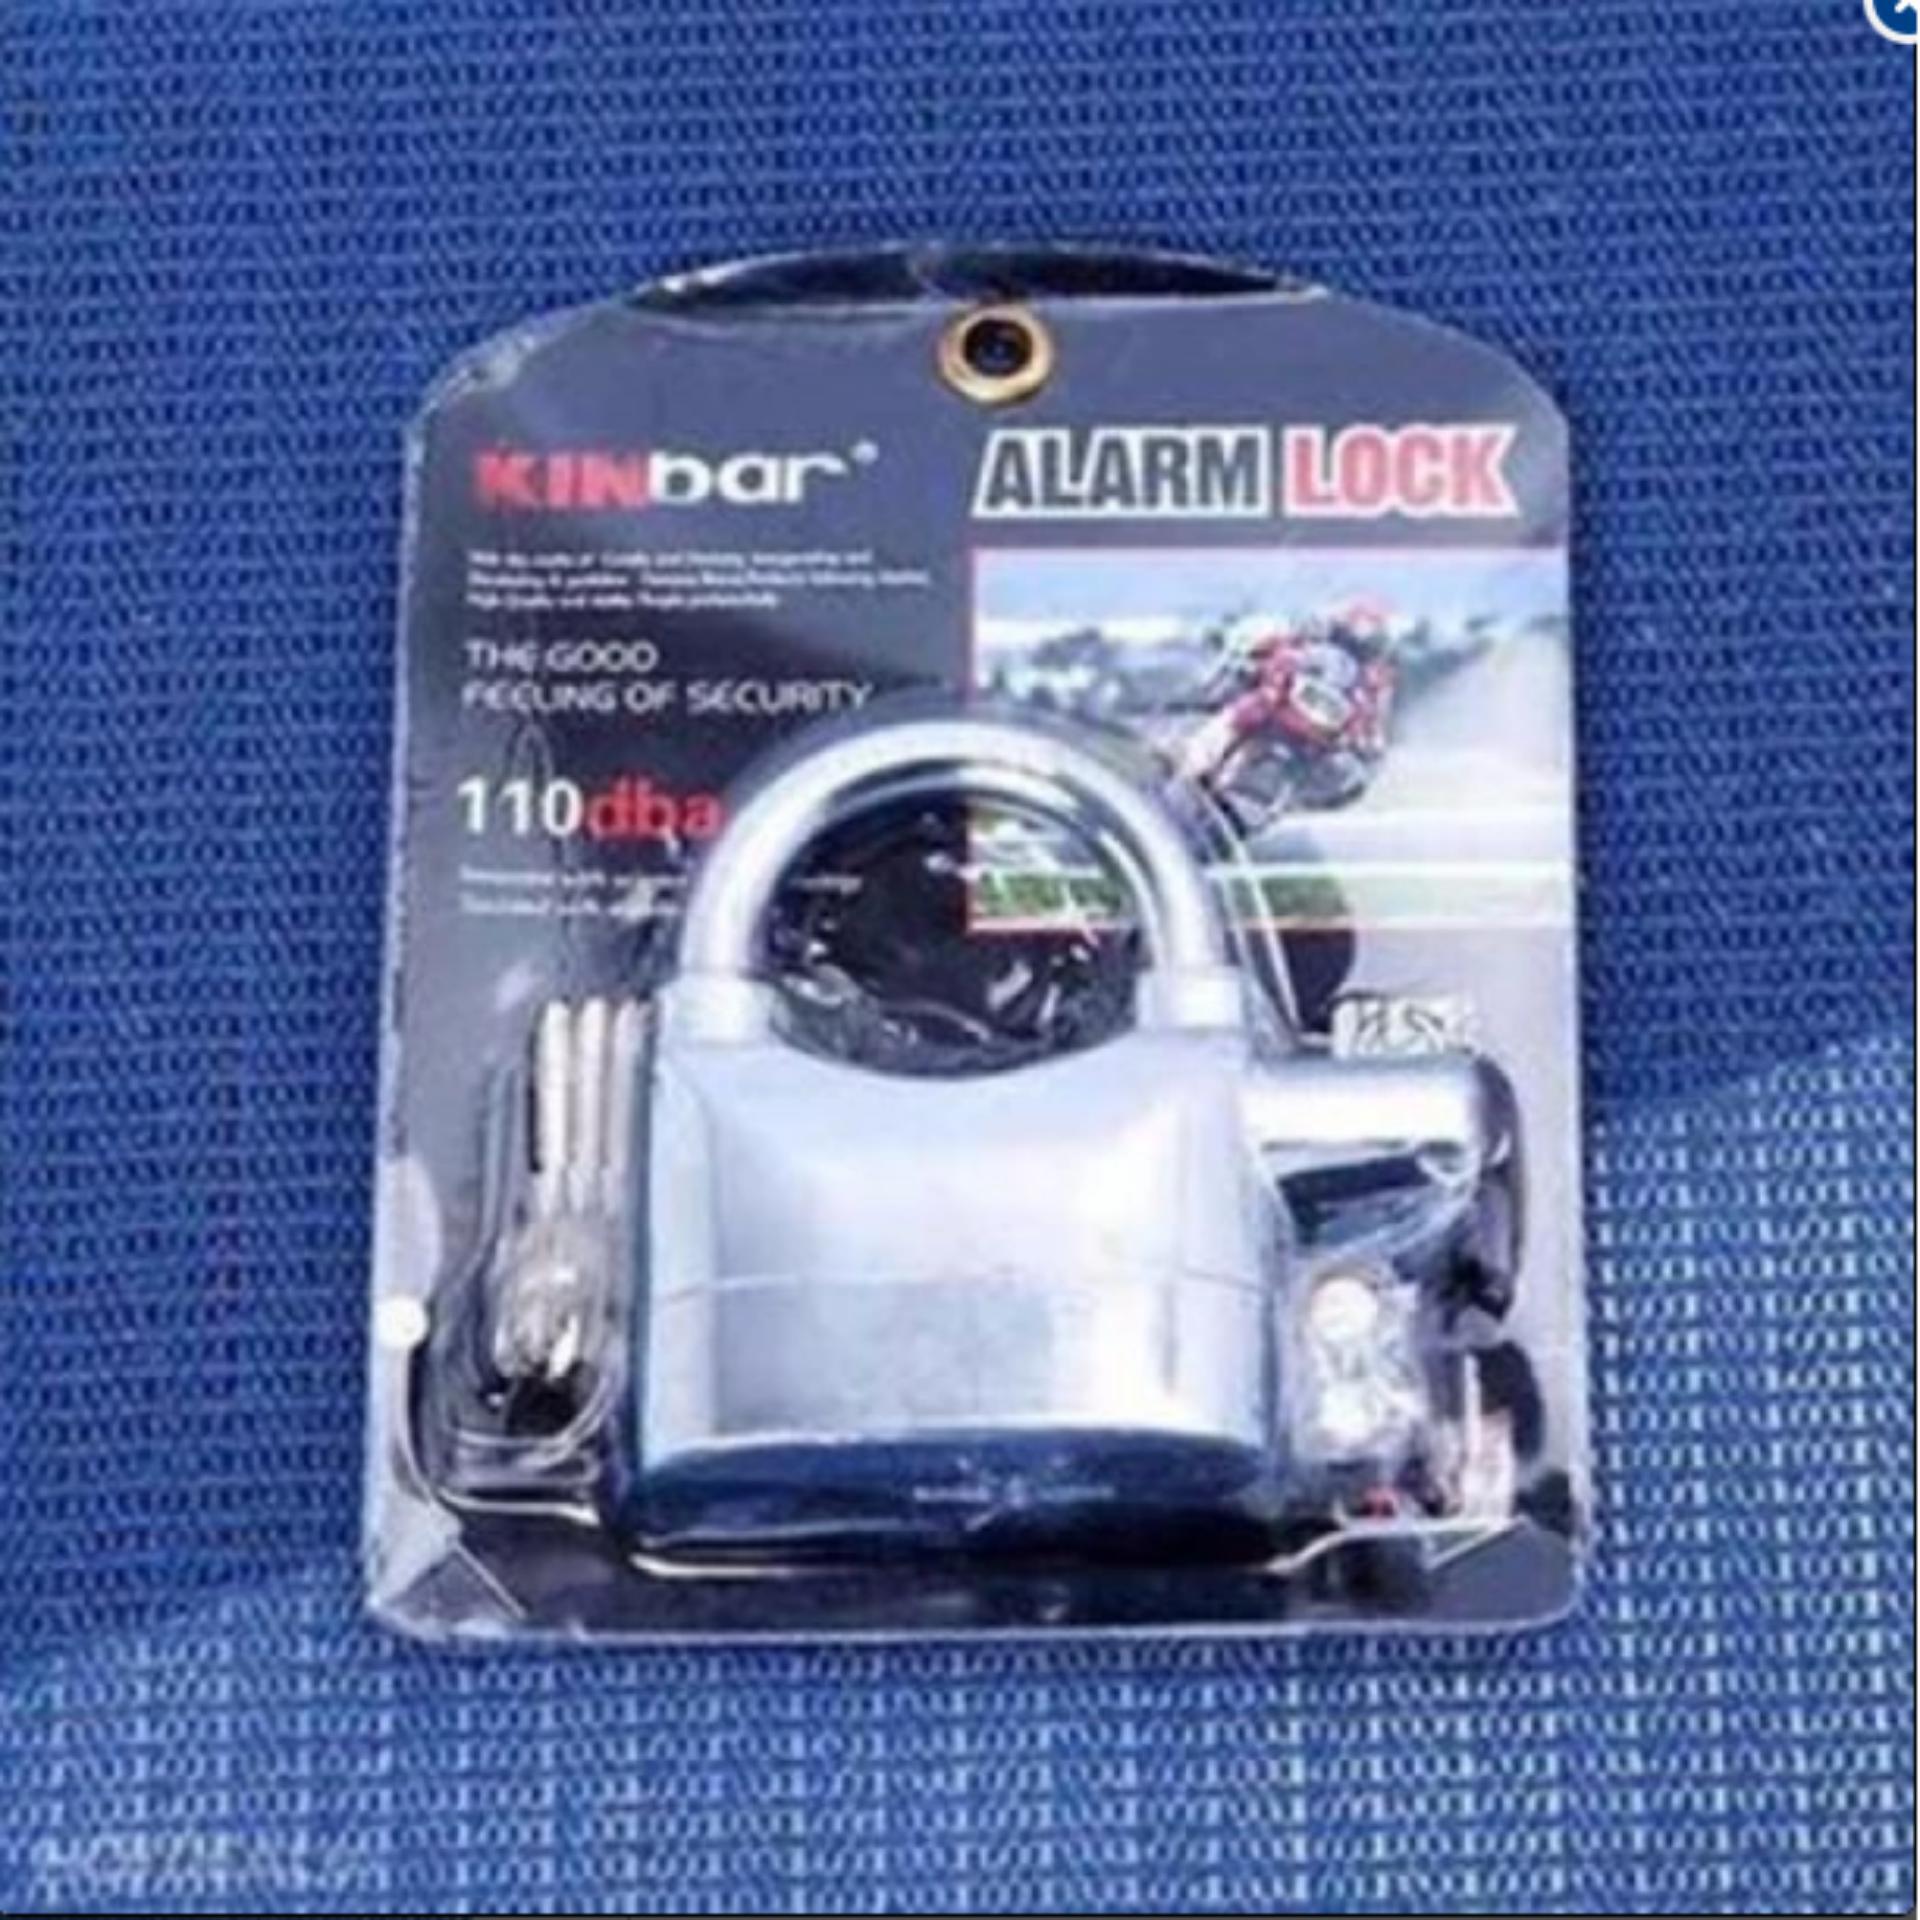 Ổ khóa báo động chống trộm ALARM LOCK 110 dba_(Đen)